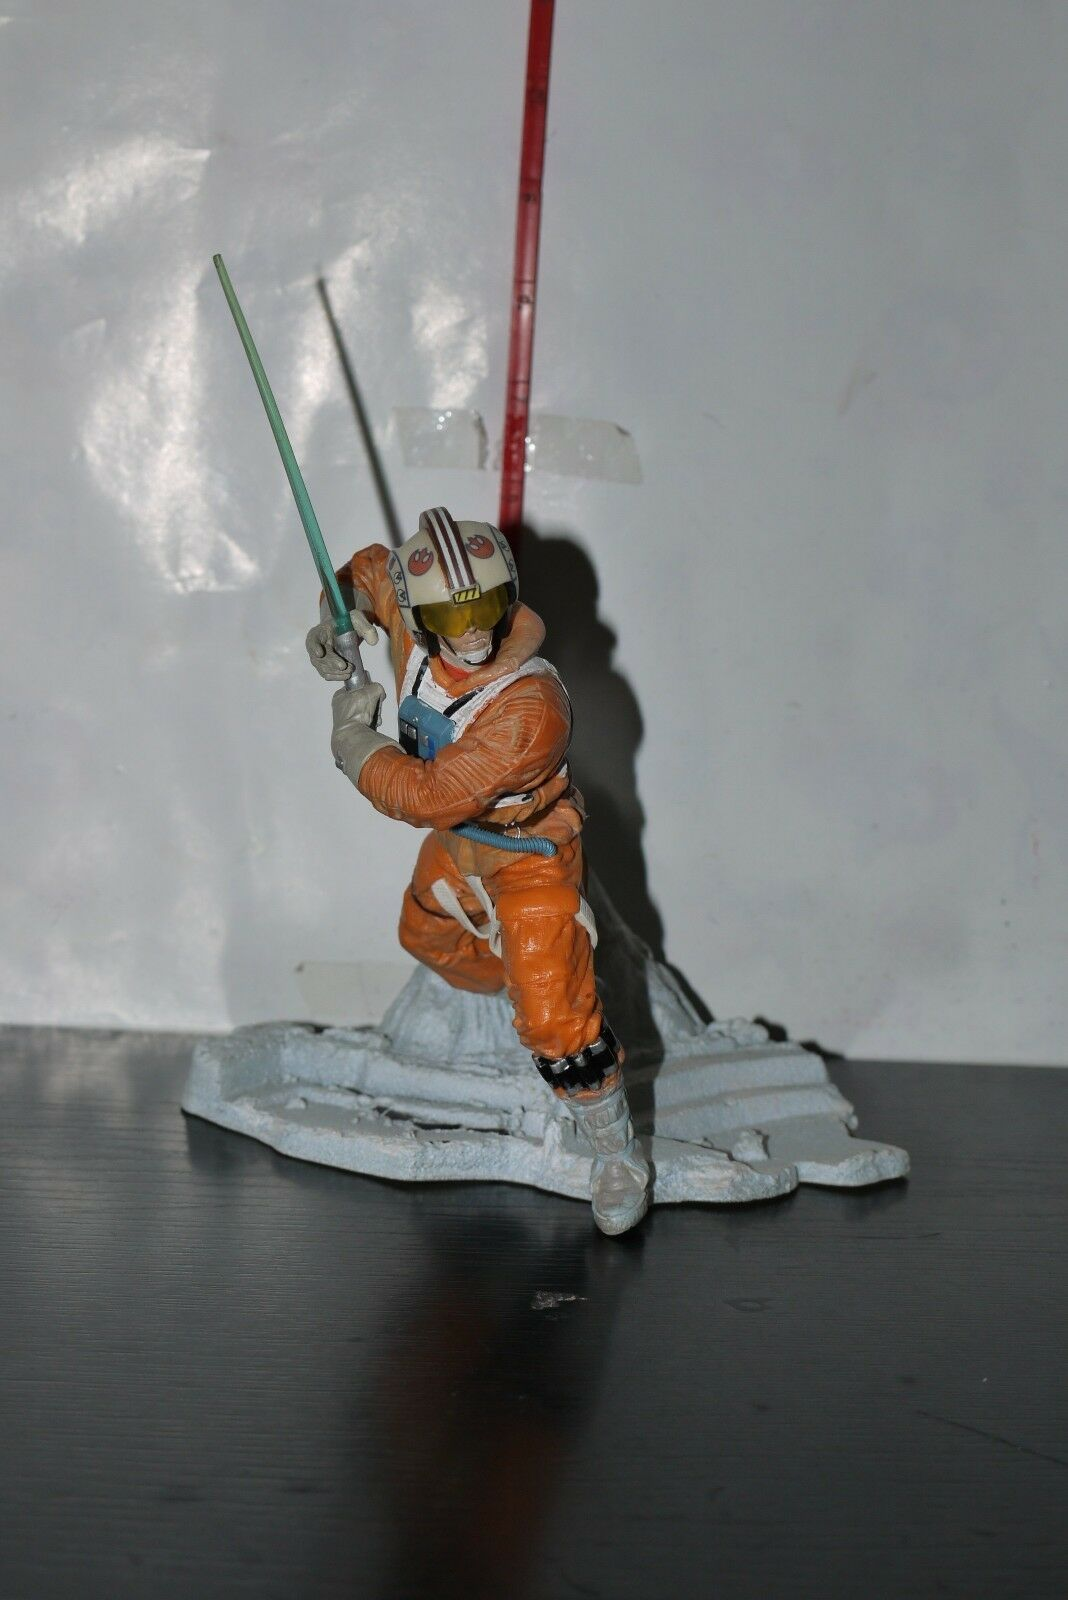 Hasbro Star Wars LUKE SKYWALKER X-WING HOTH Unleashed Figure PVC STATUE